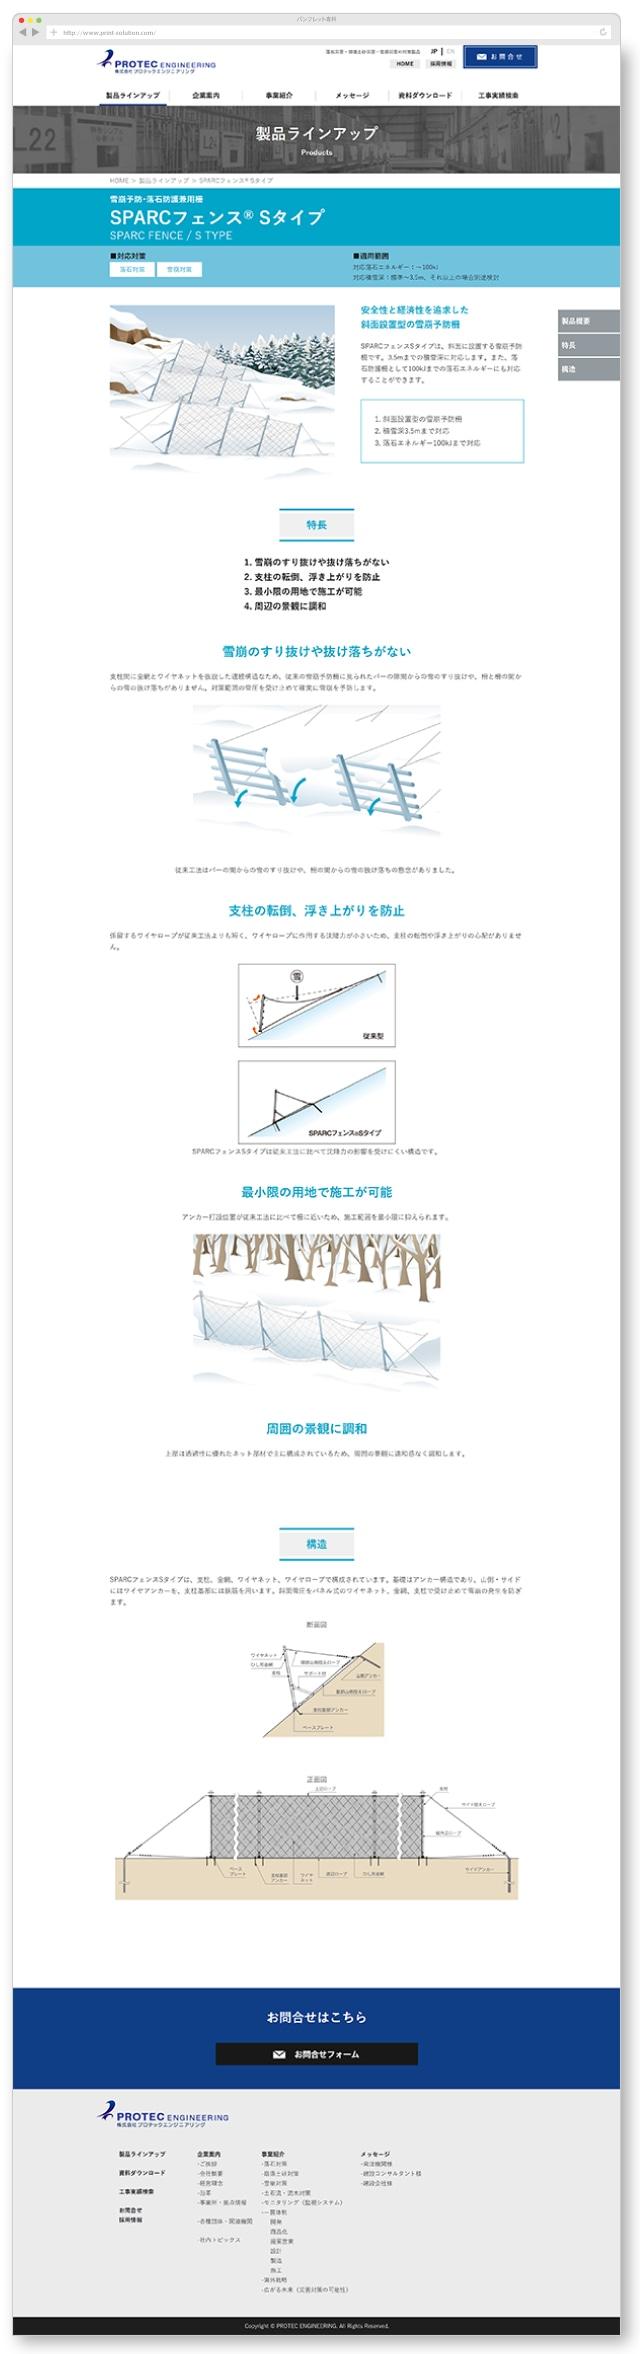 雪崩対策の製品・技術情報ページ